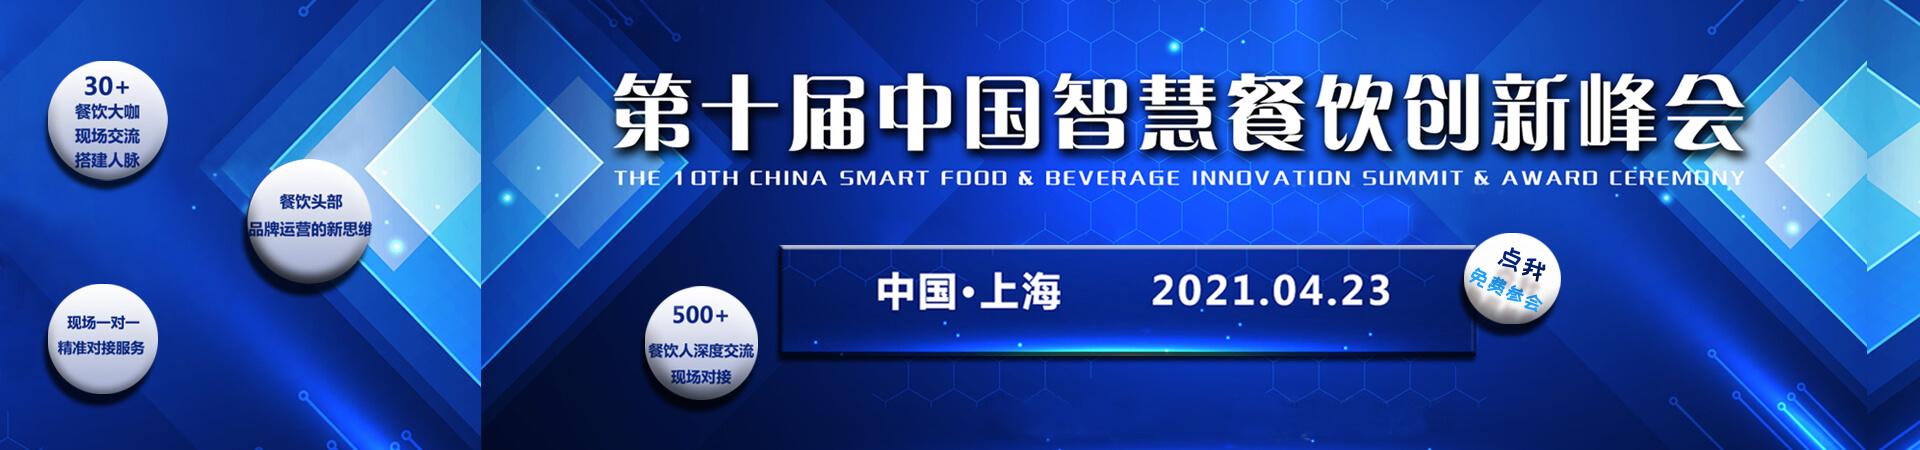 中国智慧餐饮创新峰会